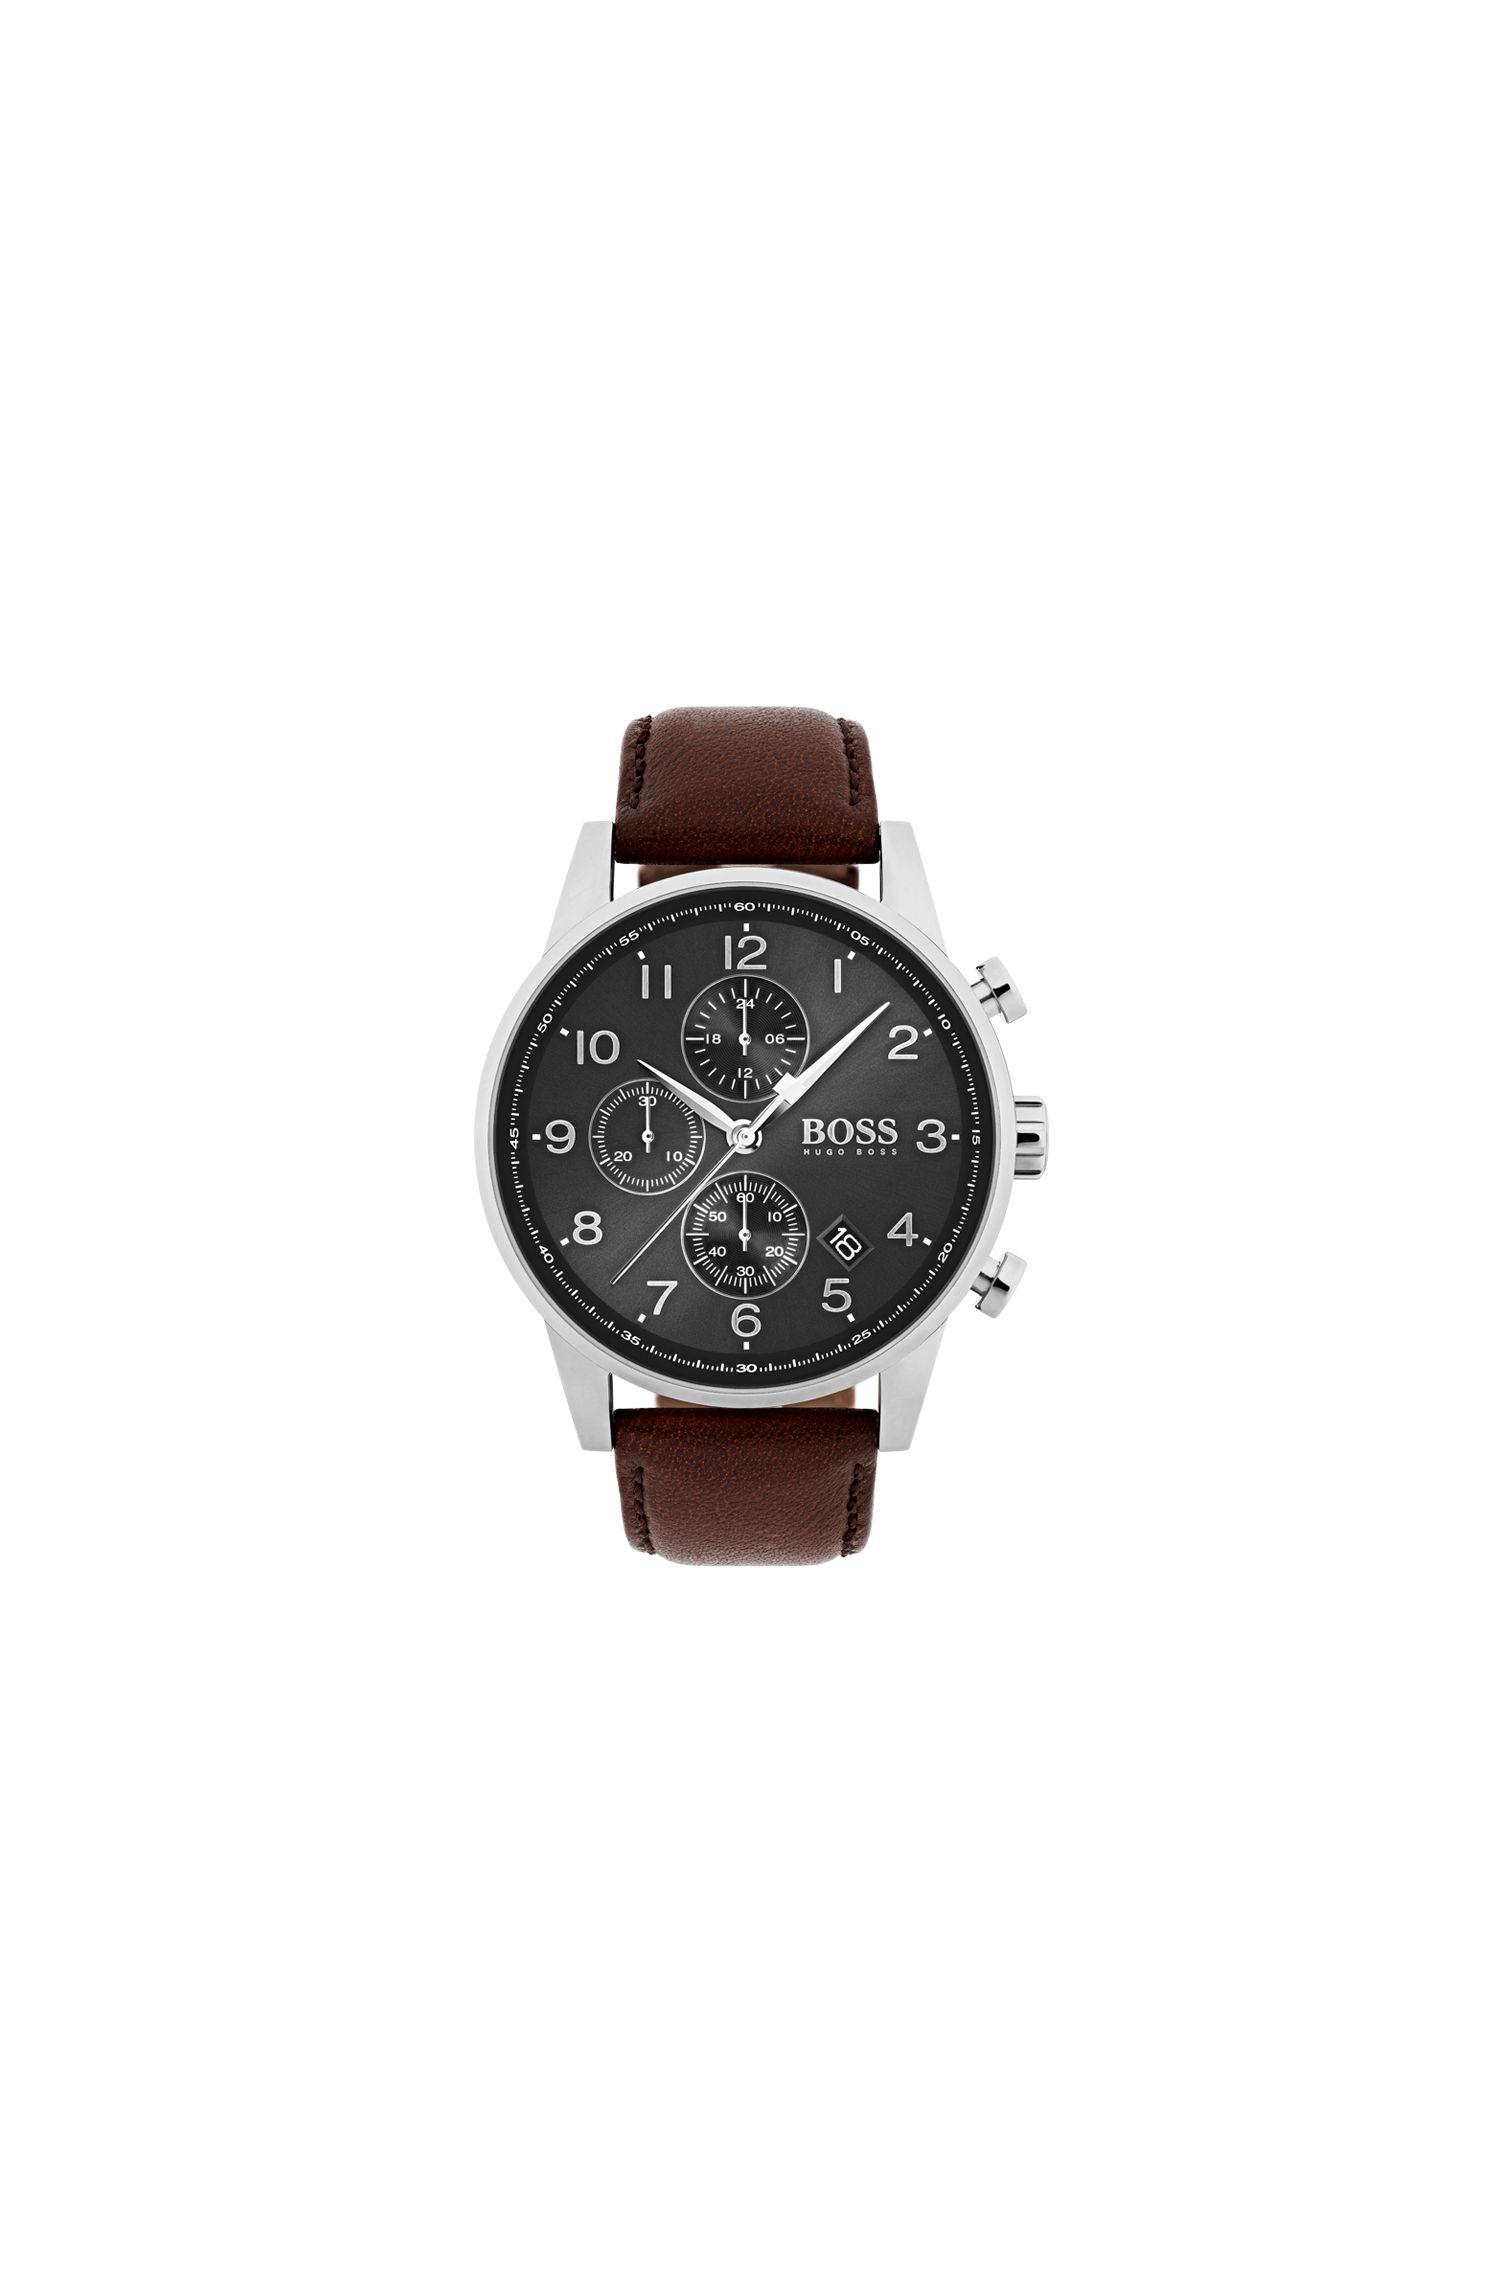 Reloj cronógrafo de acero inoxidable pulido con correa de piel marrón